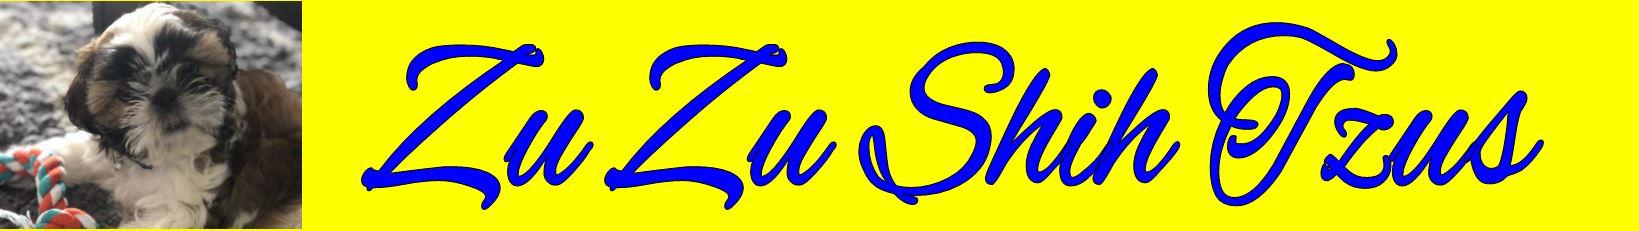 Zu Zu Shih Tzus